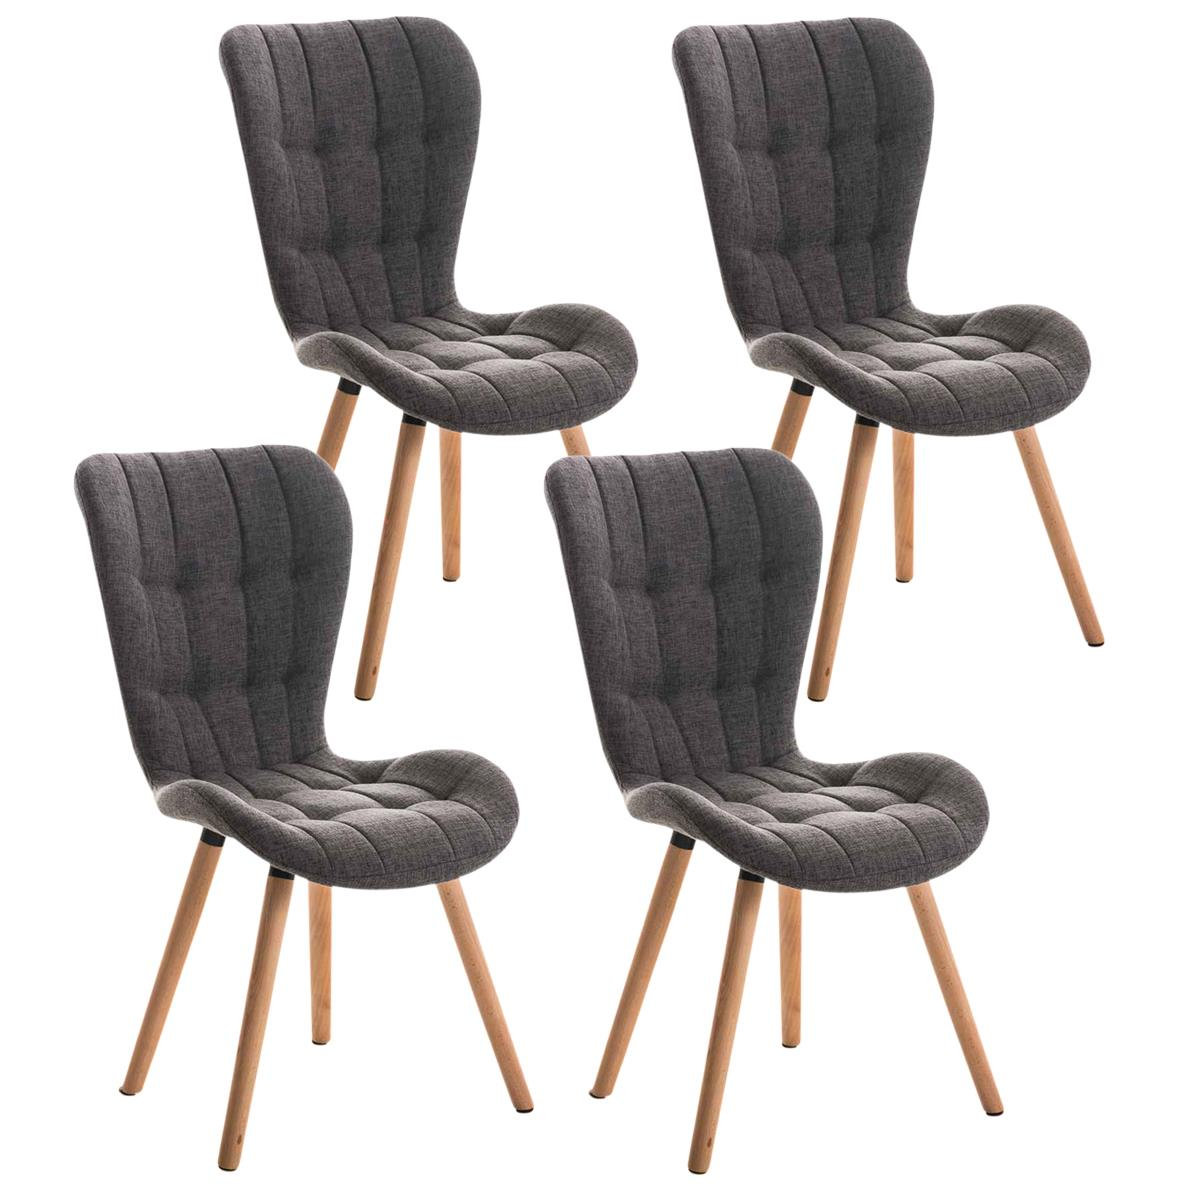 Lote de 4 sillas de comedor padua con capiton y for Sillas de comedor tapizadas en gris